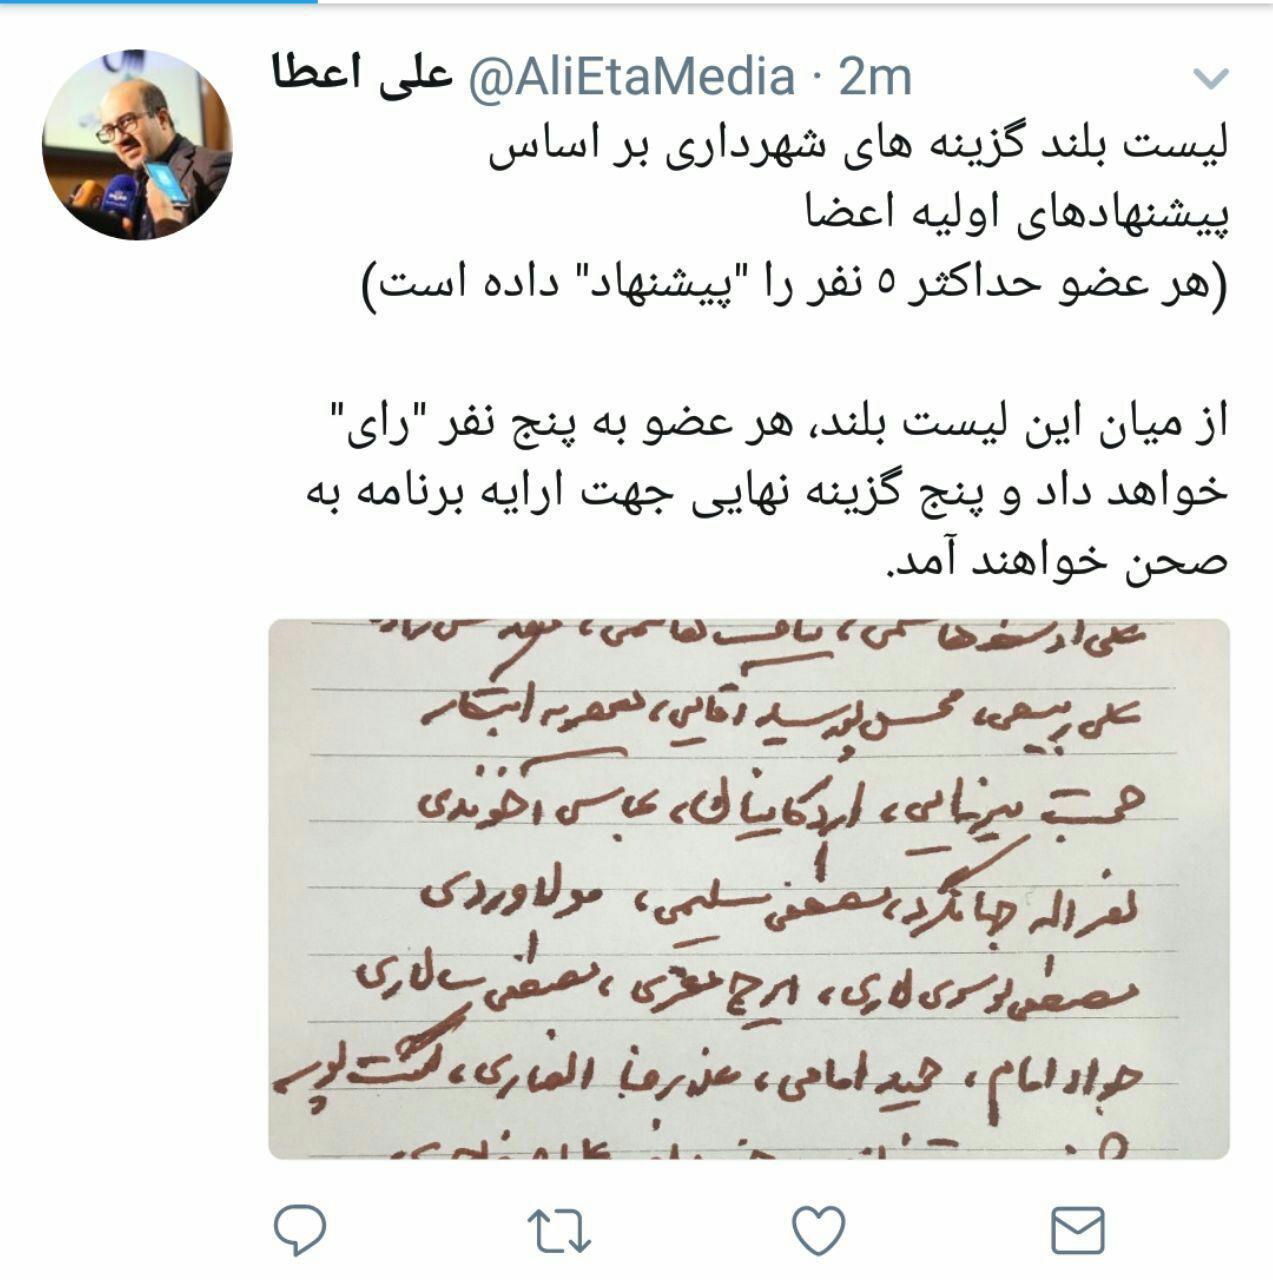 اسامی گزینه های شهرداری تهران / سخنگوی شورای شهر: هر عضو شورا به ۵ نفر رای میدهد تا ۵ کاندیدای نهایی انتخاب شوند - 4